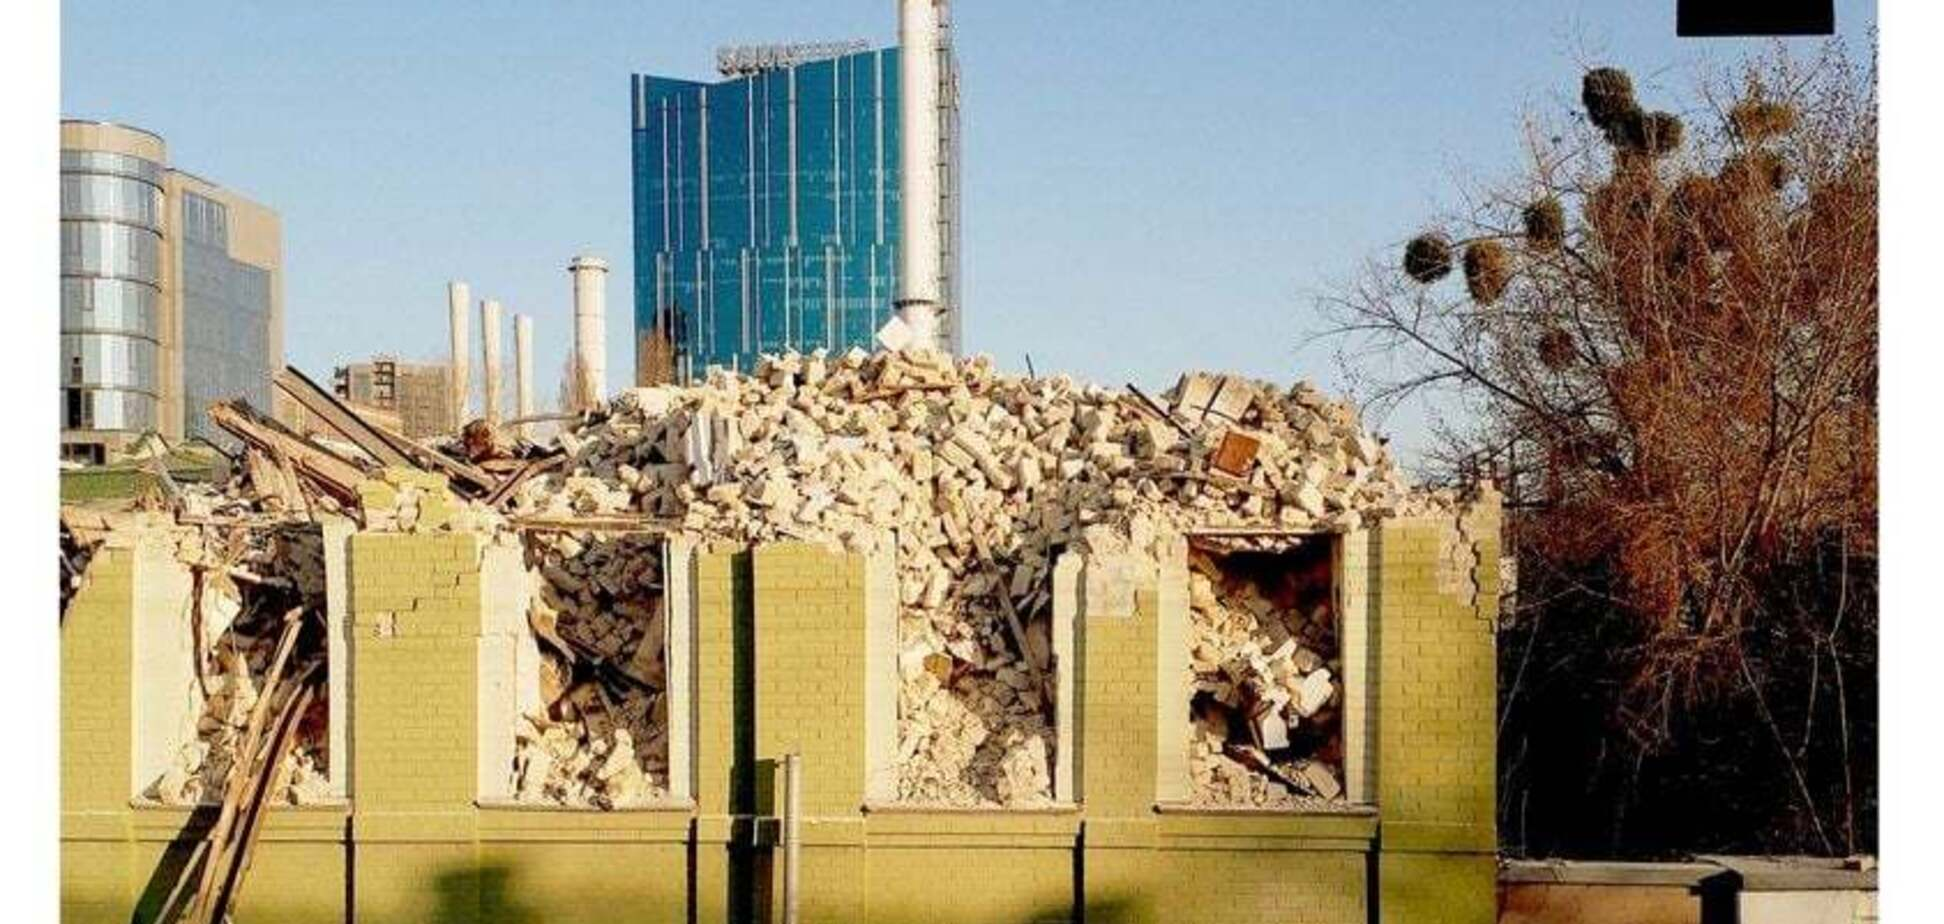 Столичные власти будут требовать от правительства остановить уничтожение старого Киева